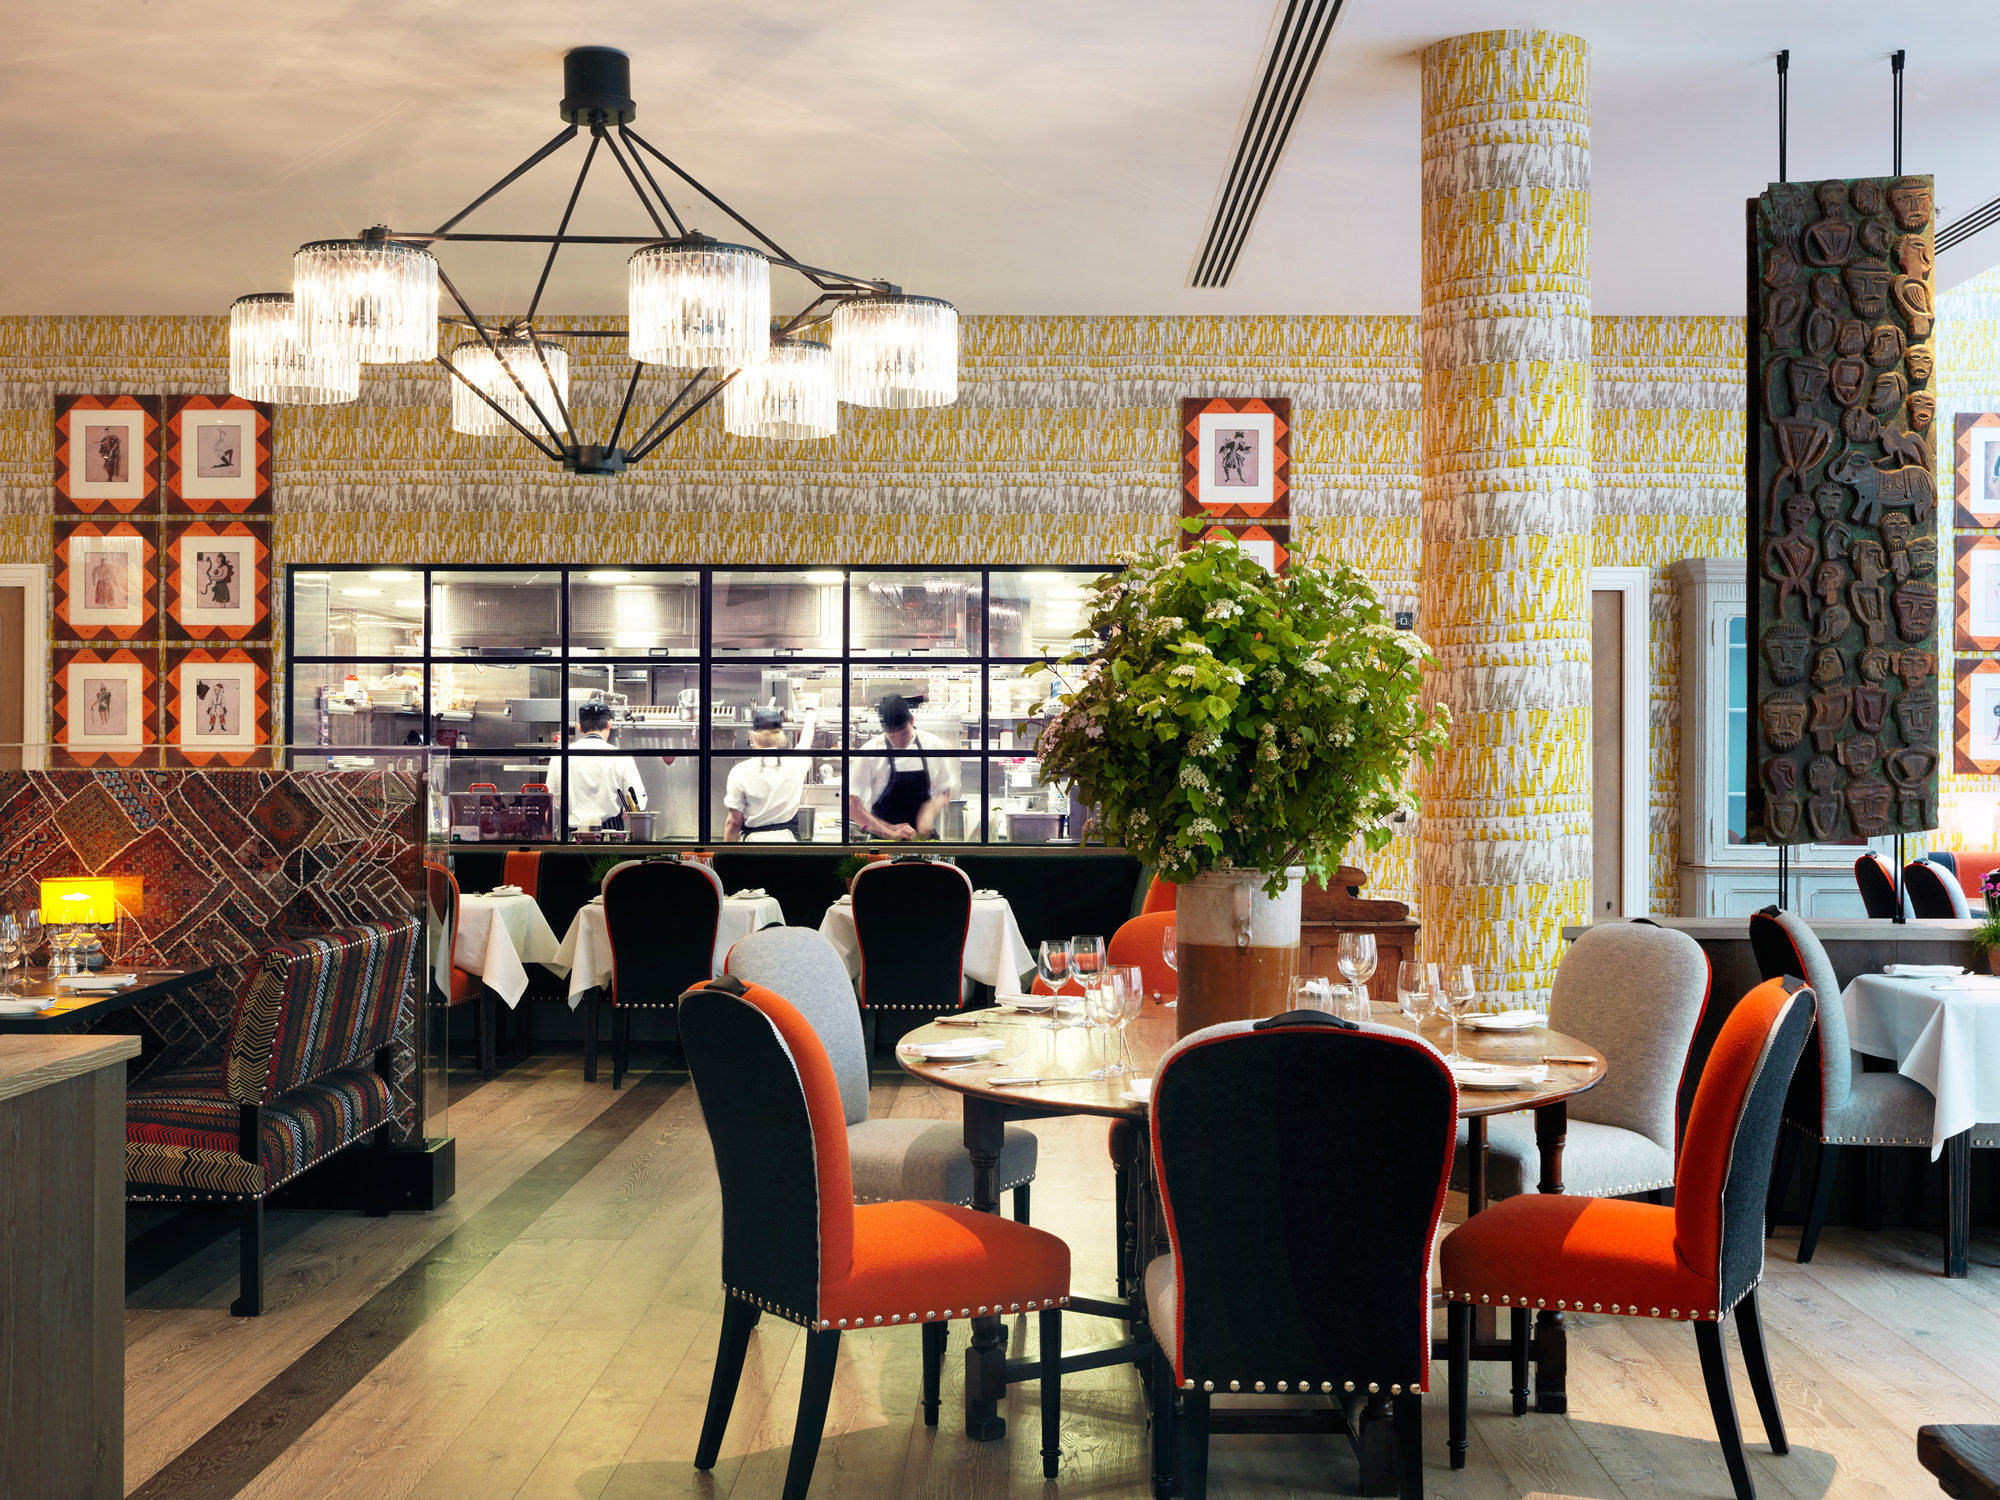 firmdale hotels ham yard hotel. Black Bedroom Furniture Sets. Home Design Ideas